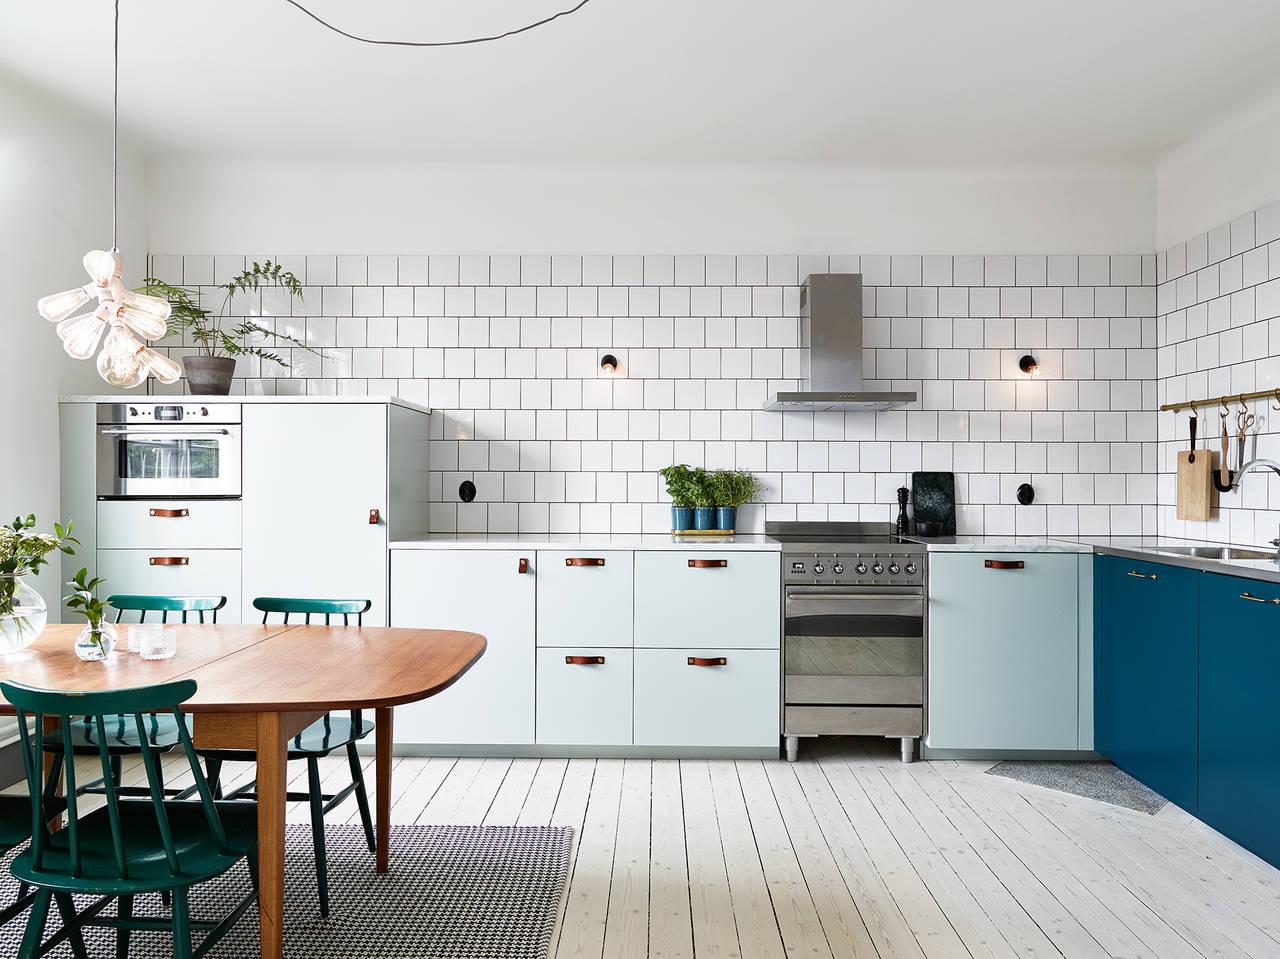 Keuken in mintgroen en petrol blauw | Inrichting-huis.com